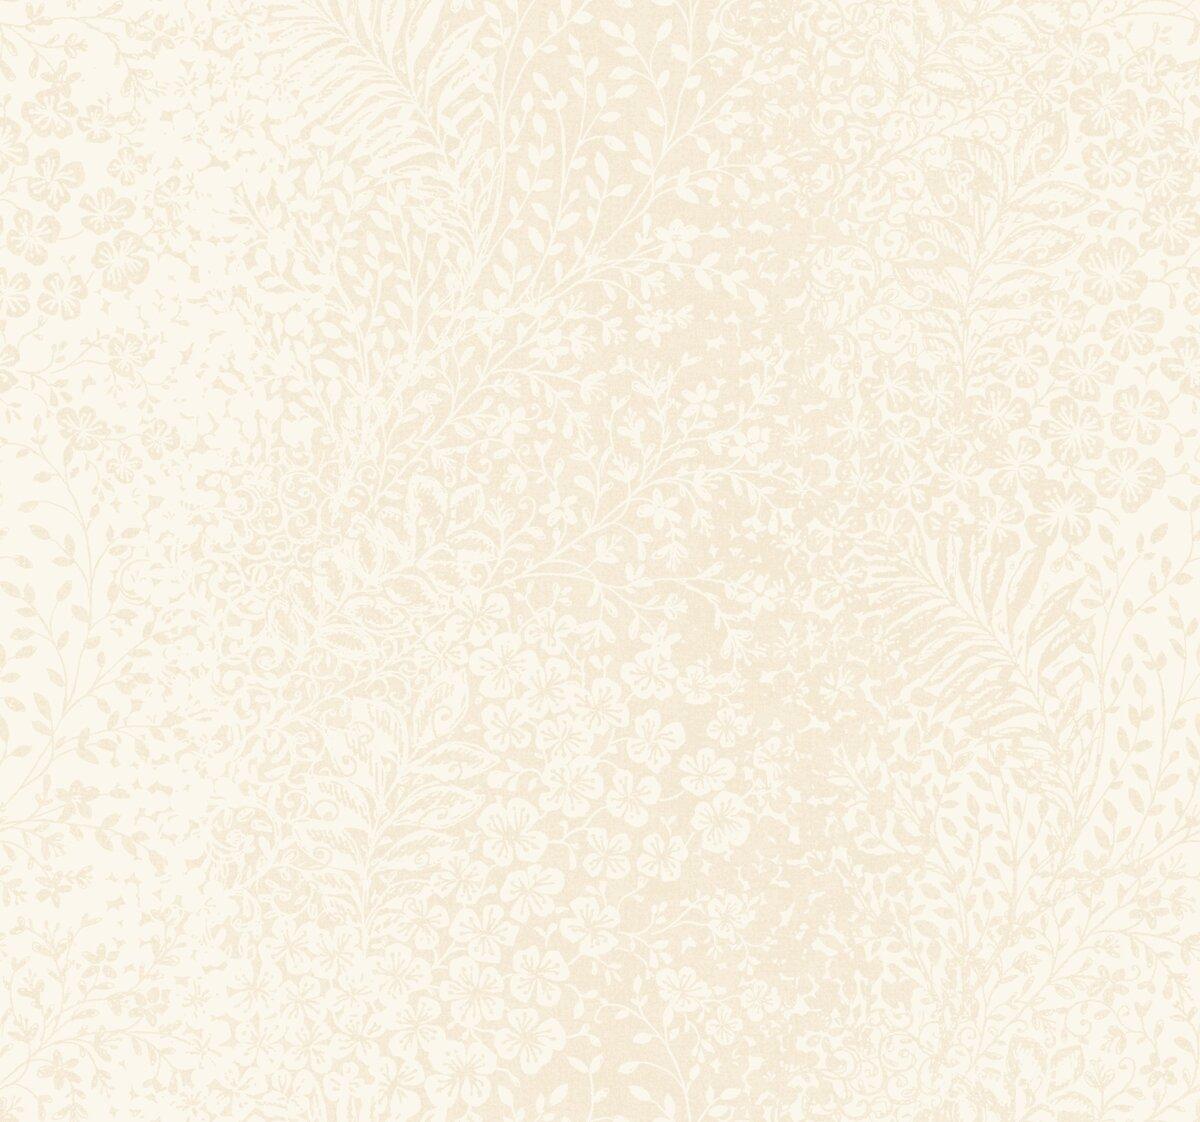 Alcott Hill Kaylynn Bountiful 27 L x 27 W Wallpaper Roll Wayfair 1200x1122